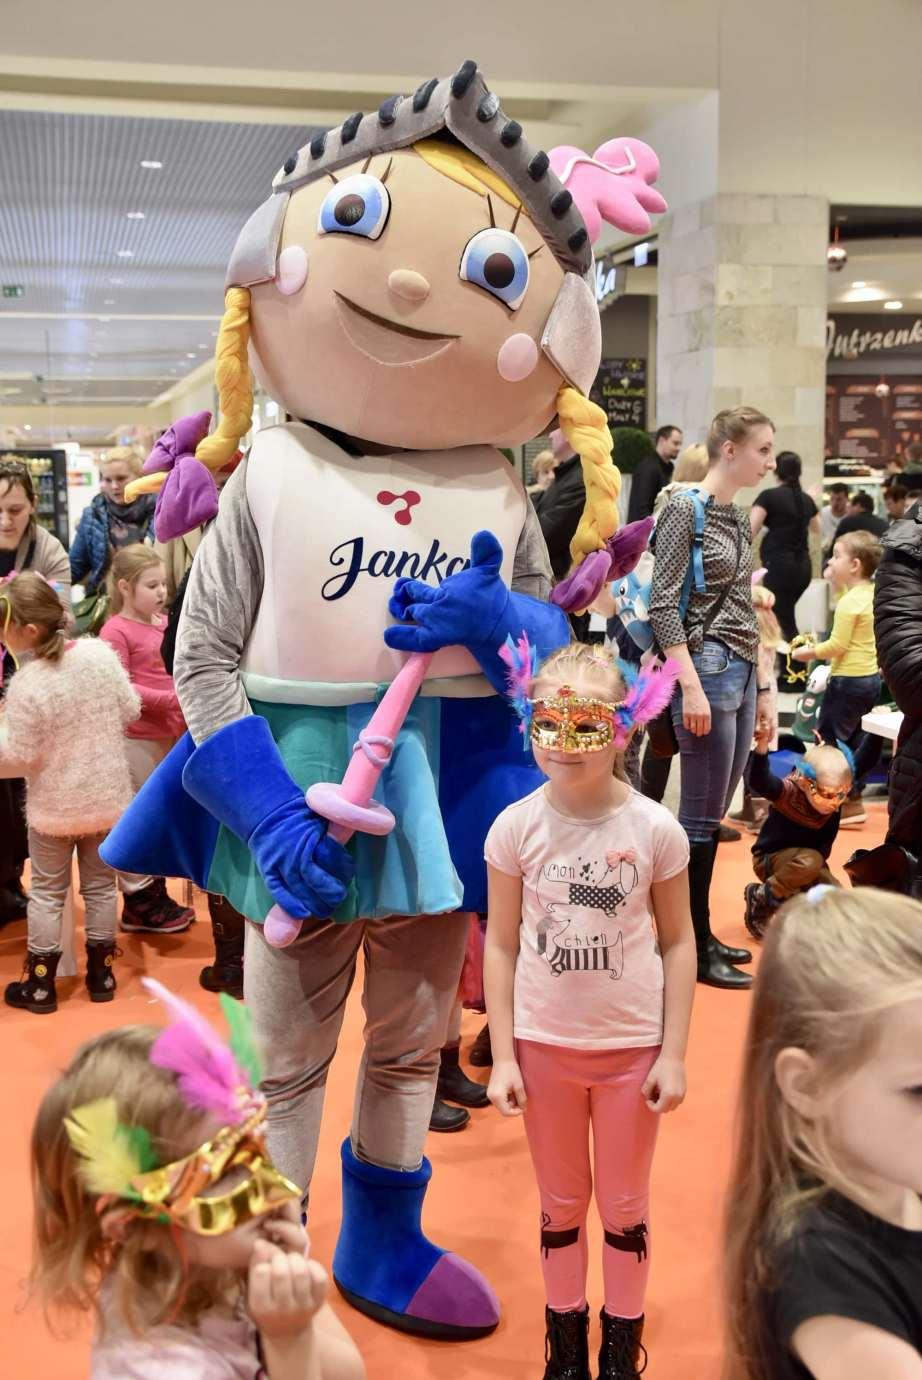 dsc 3973 Zabawa kreatywnych dzieciaków w Galerii Handlowej Twierdza (filmy i zdjęcia)